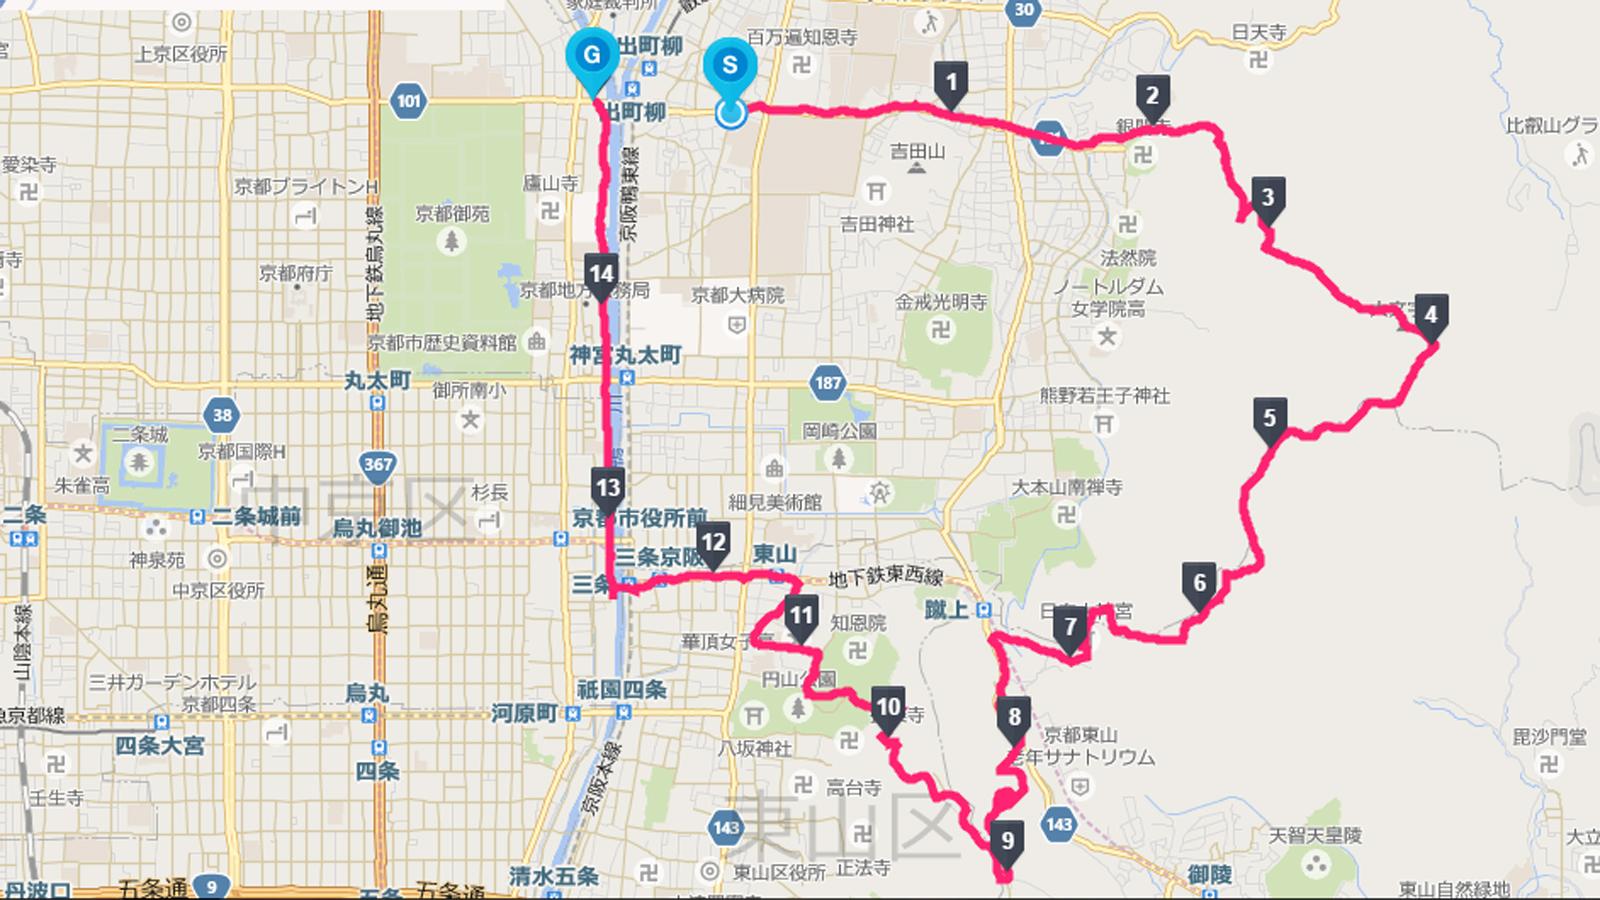 20150228_map